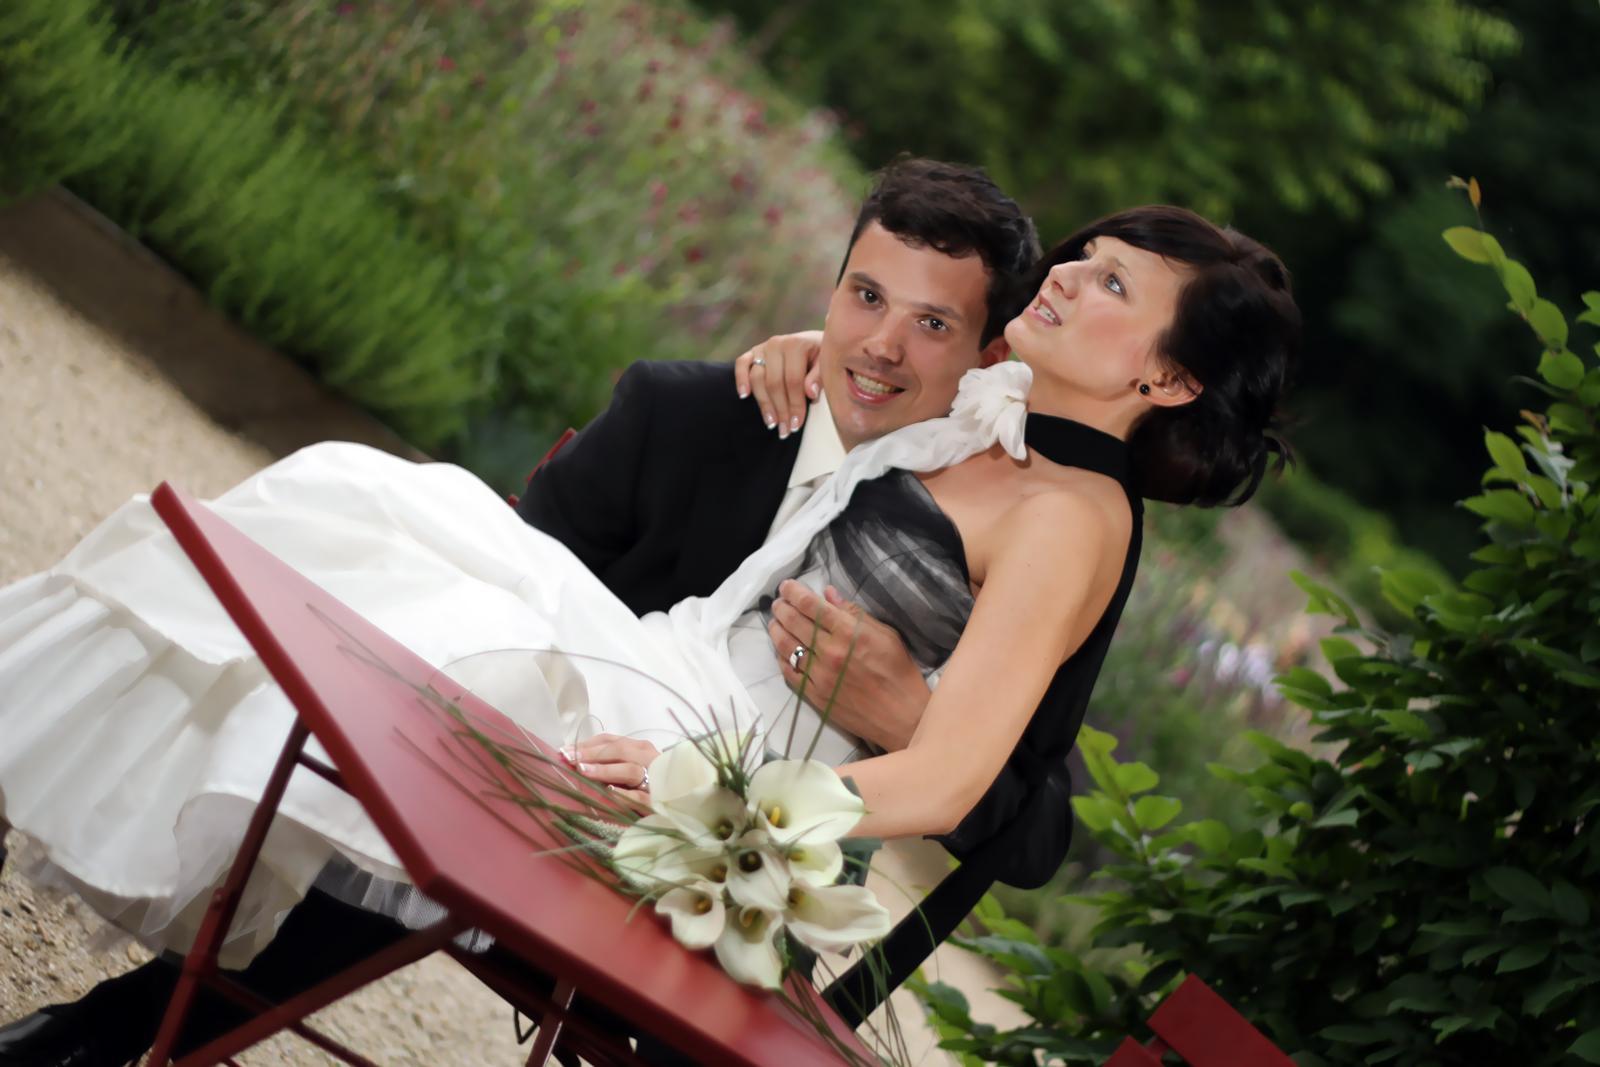 8. črc 2014 v 07 18 • Svatba byla v červenci 2011 • www.salik.cz • Odpověz  • To se mi líbí • fc65aba399